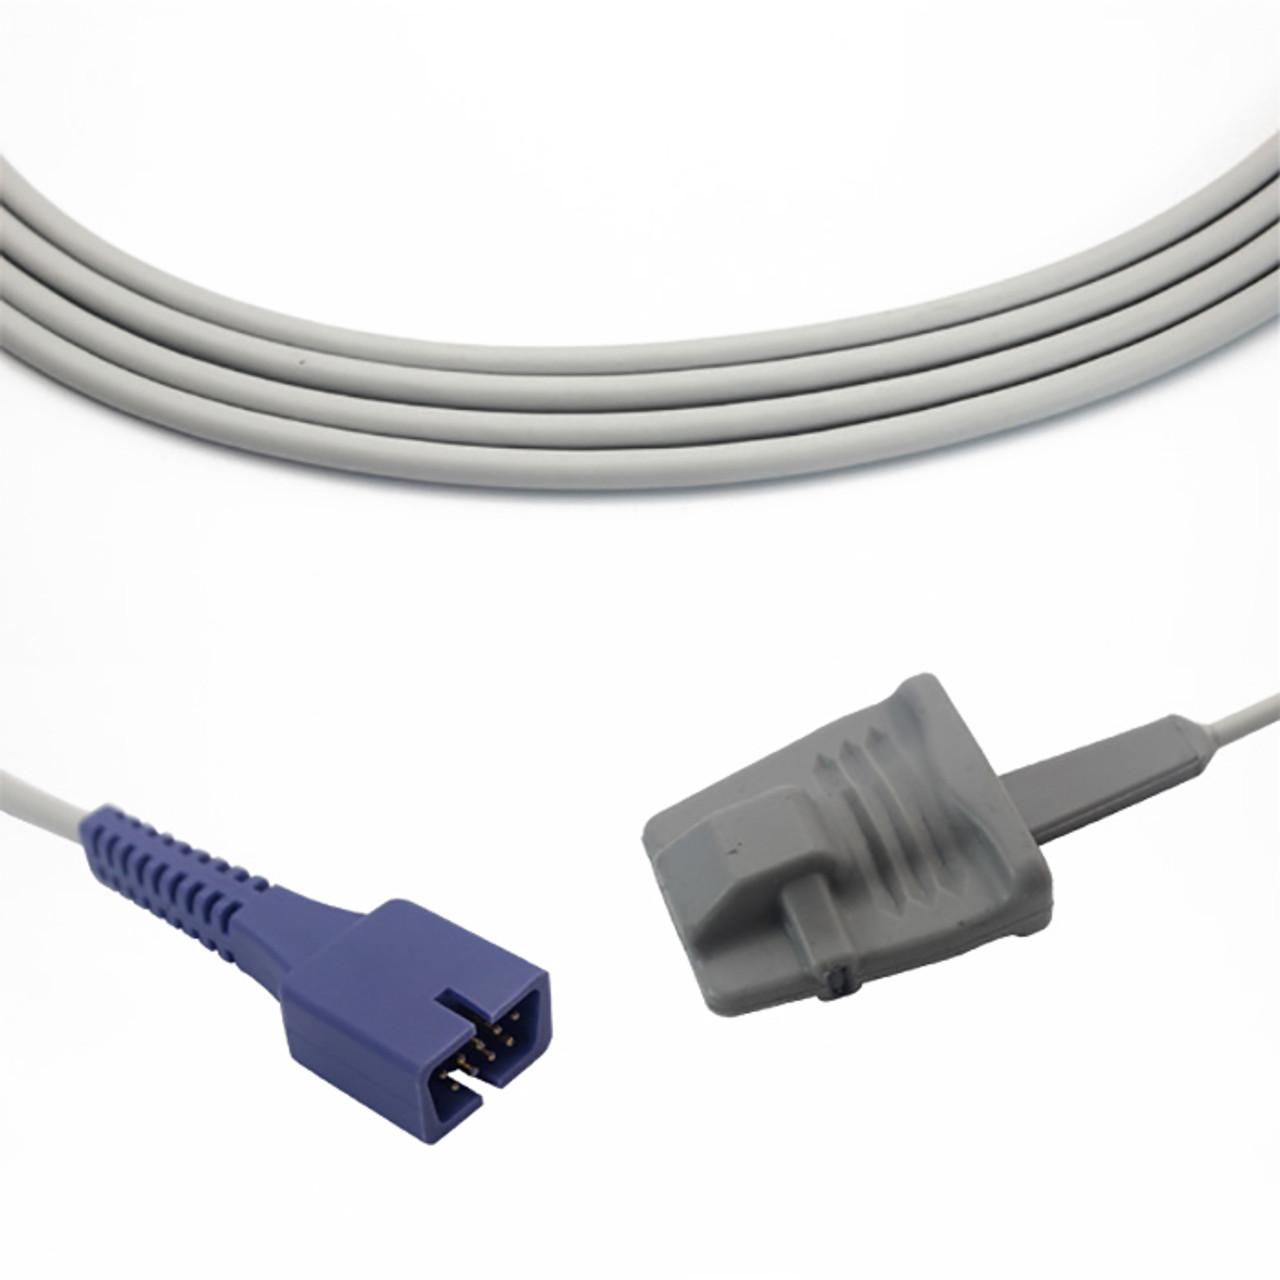 Nellcor Covidien SpO2 Compatible Direct Connect 9 Pin - Adult Soft